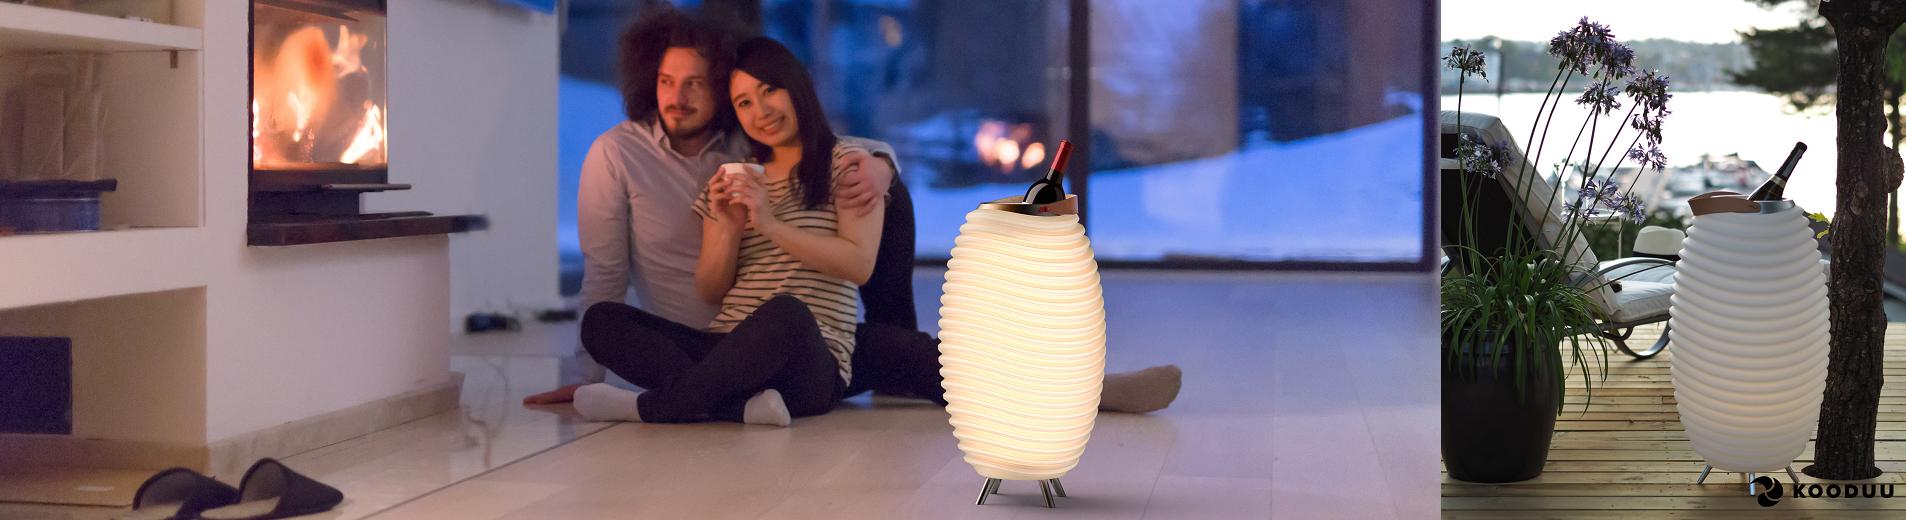 LED šviestuvas-kolonėlė-gėrimų šaldiklis